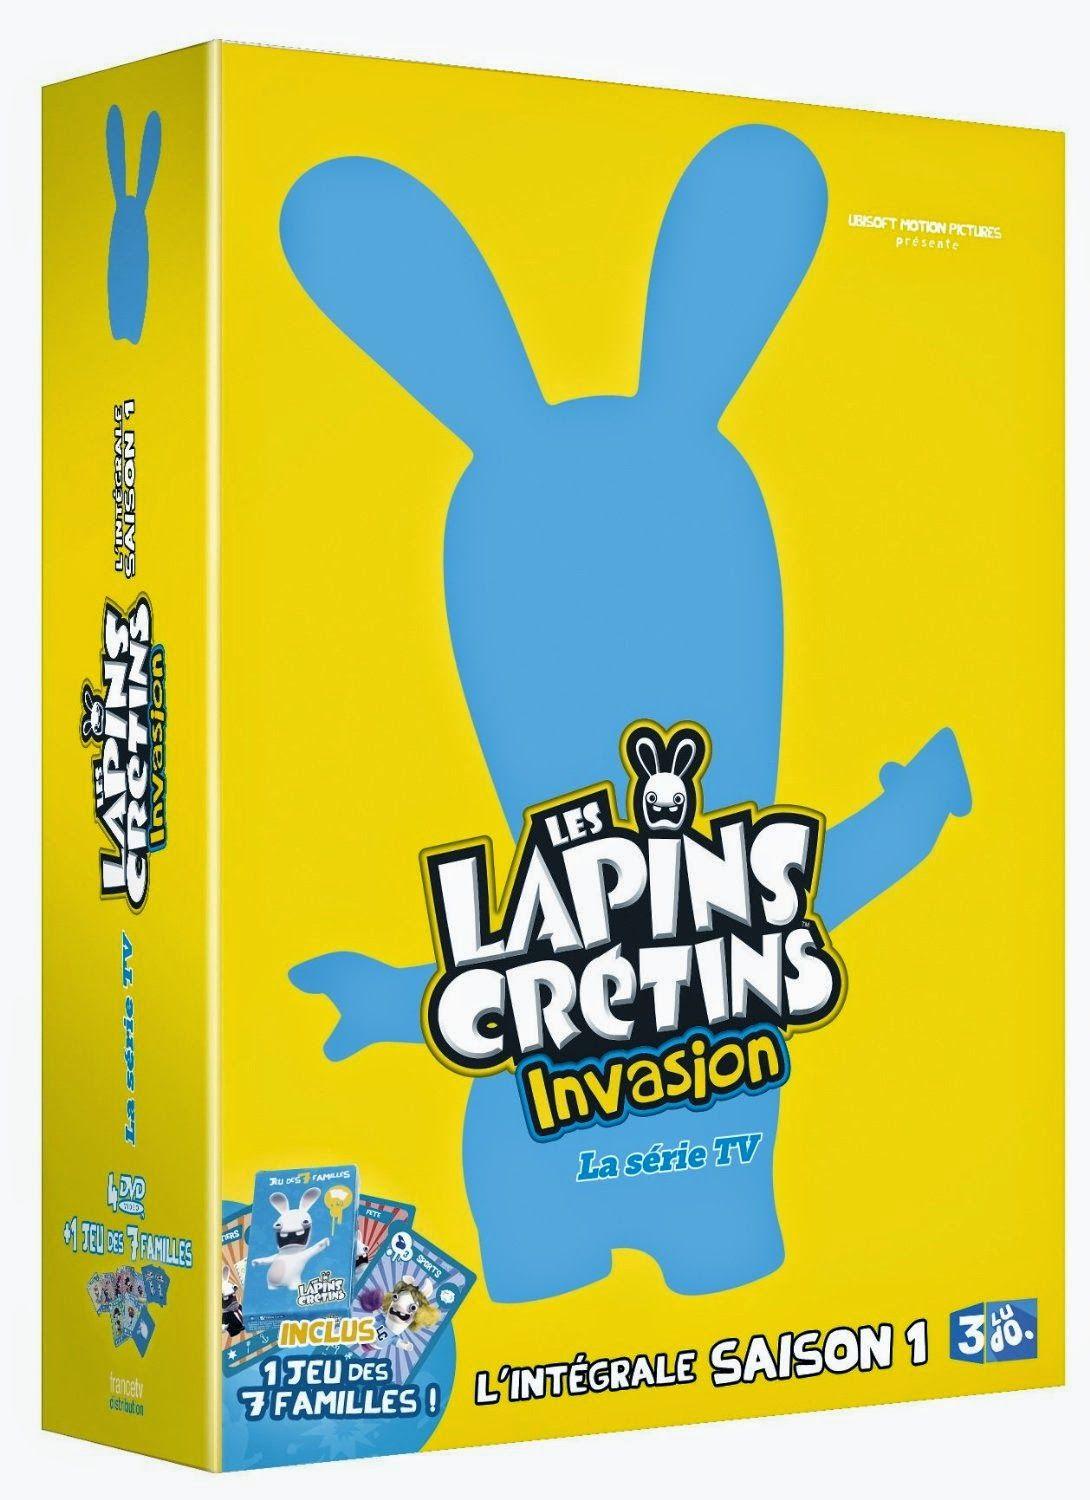 Goodies Les Lapins Crétins: DvD : Les Lapins Crétins Intégrale Saison 1